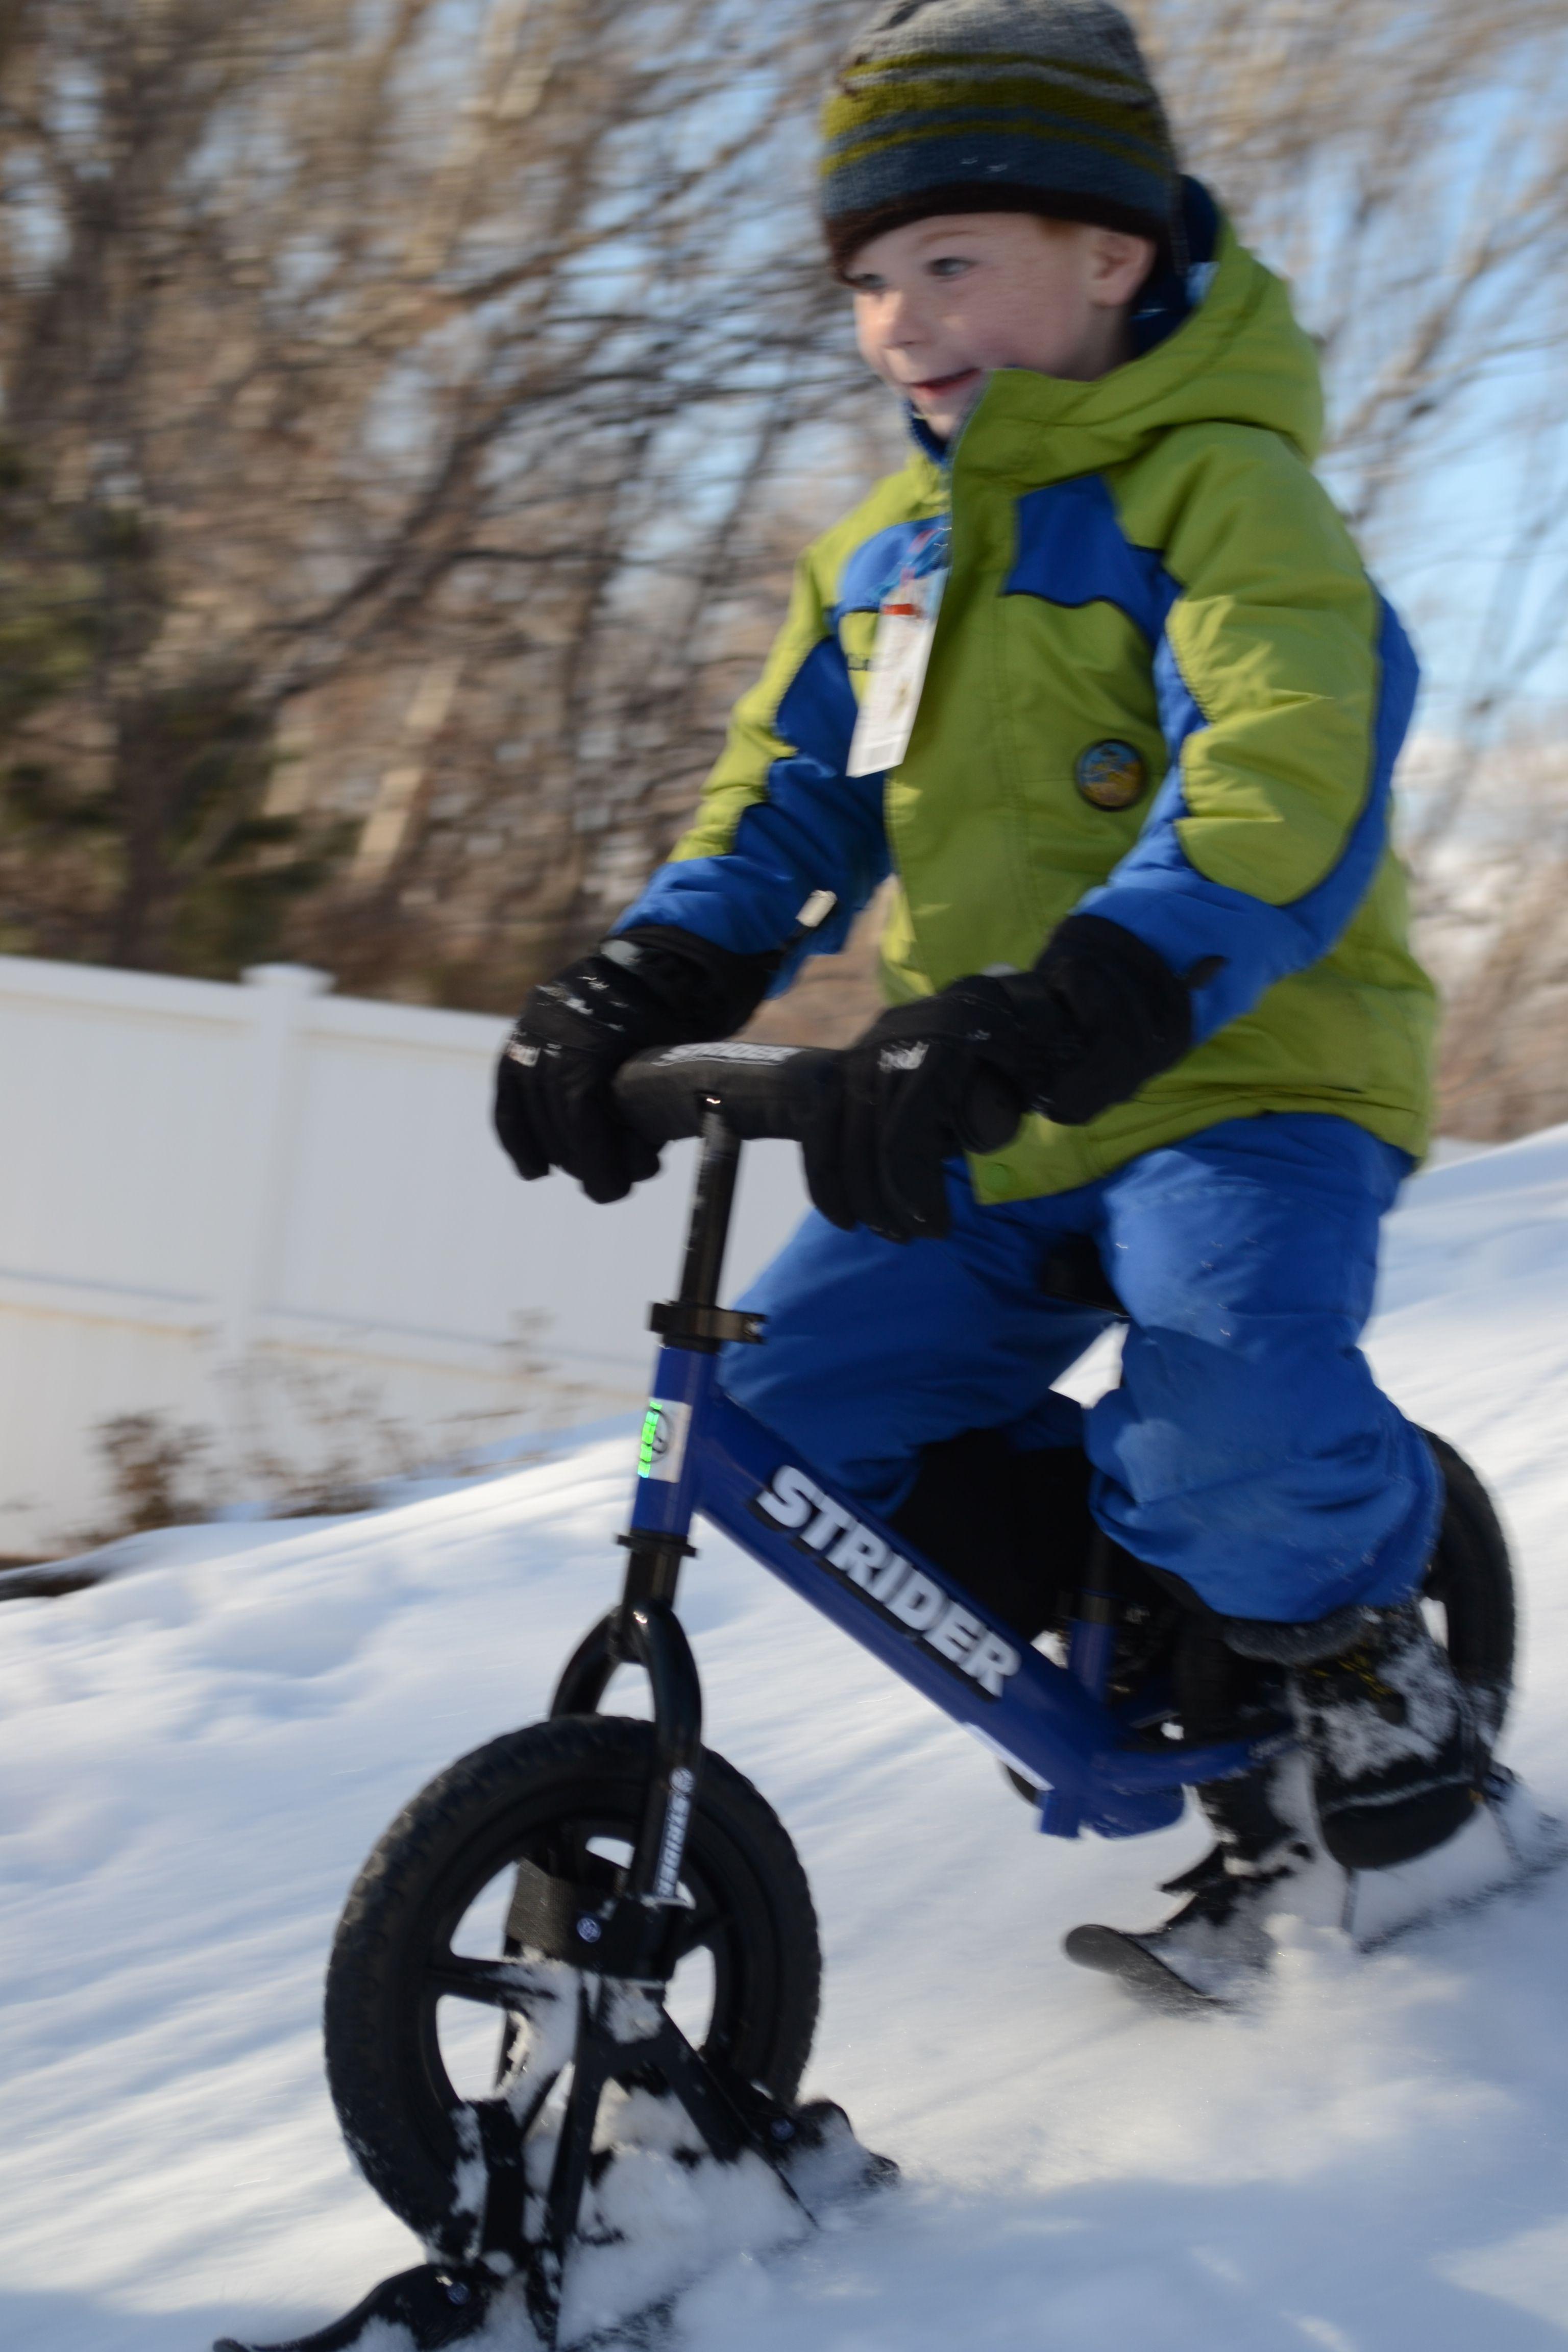 b9ceeffe2bce Snow Strider Ski Bike Attachment – The Coolest Snow Toy AROUND ...